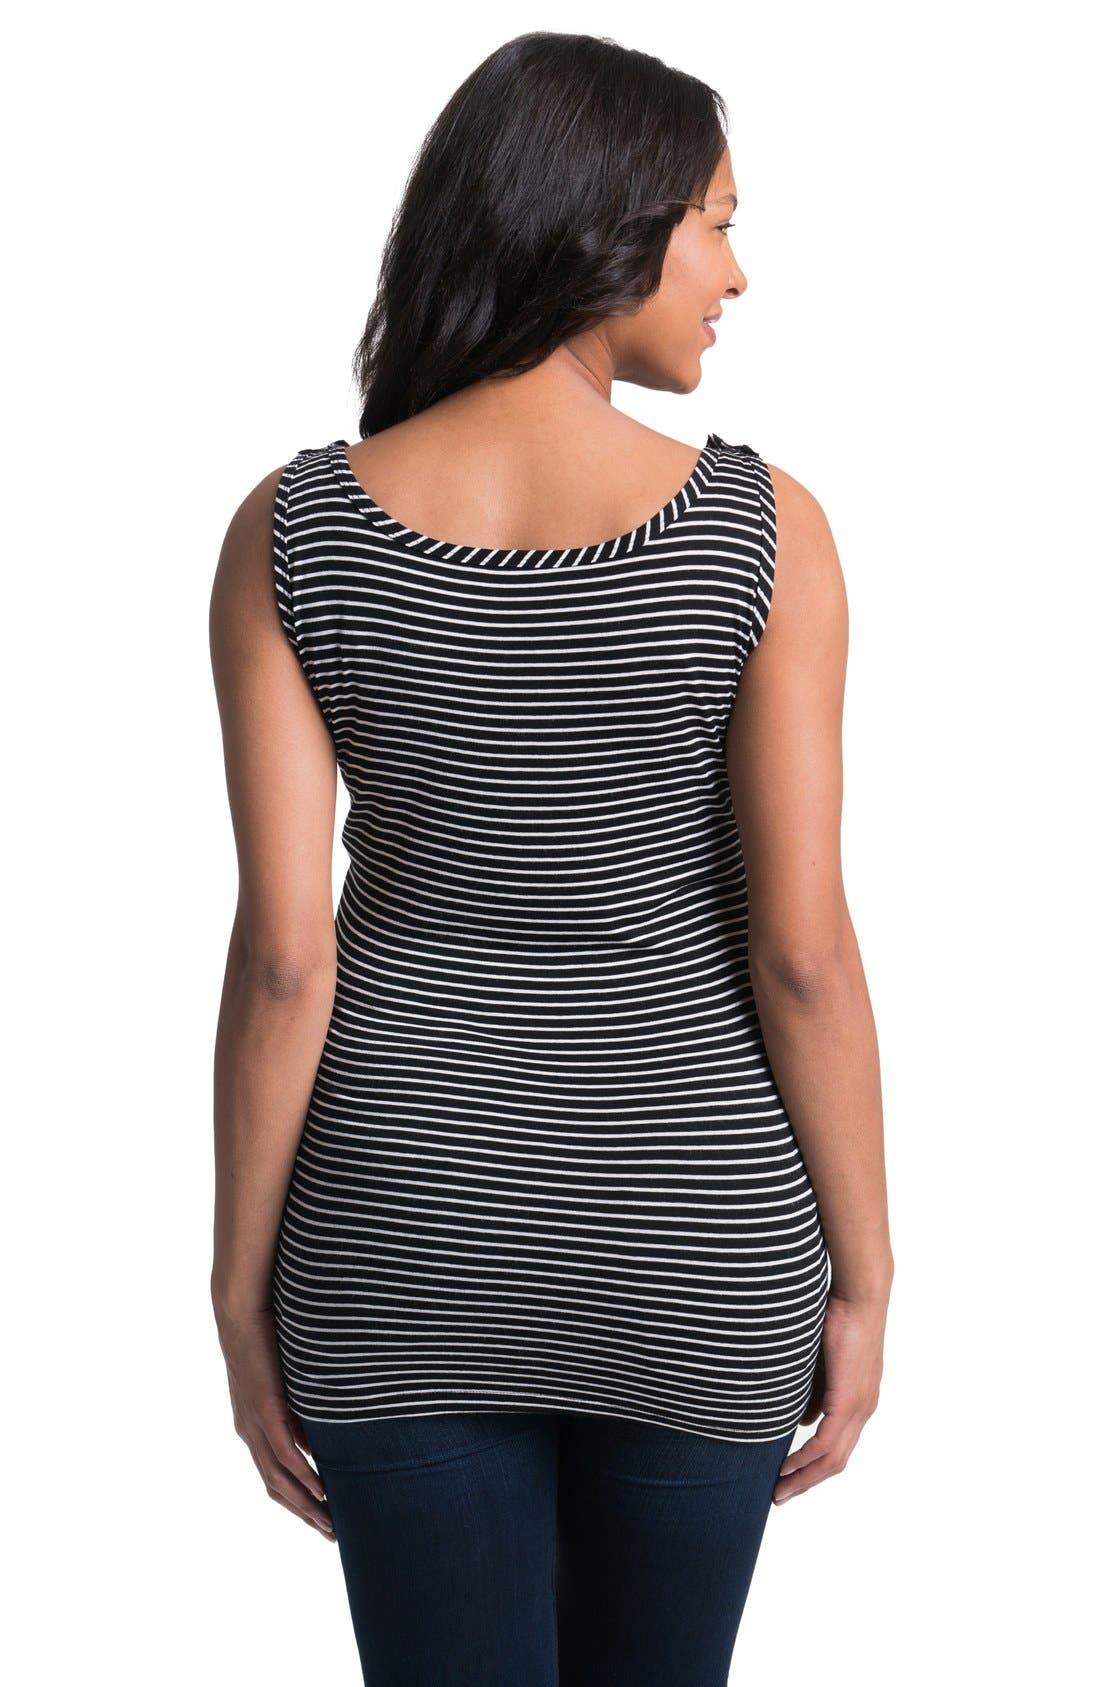 Stripe Maternity/Nursing Tank Top,                             Alternate thumbnail 4, color,                             BLACK WHITE